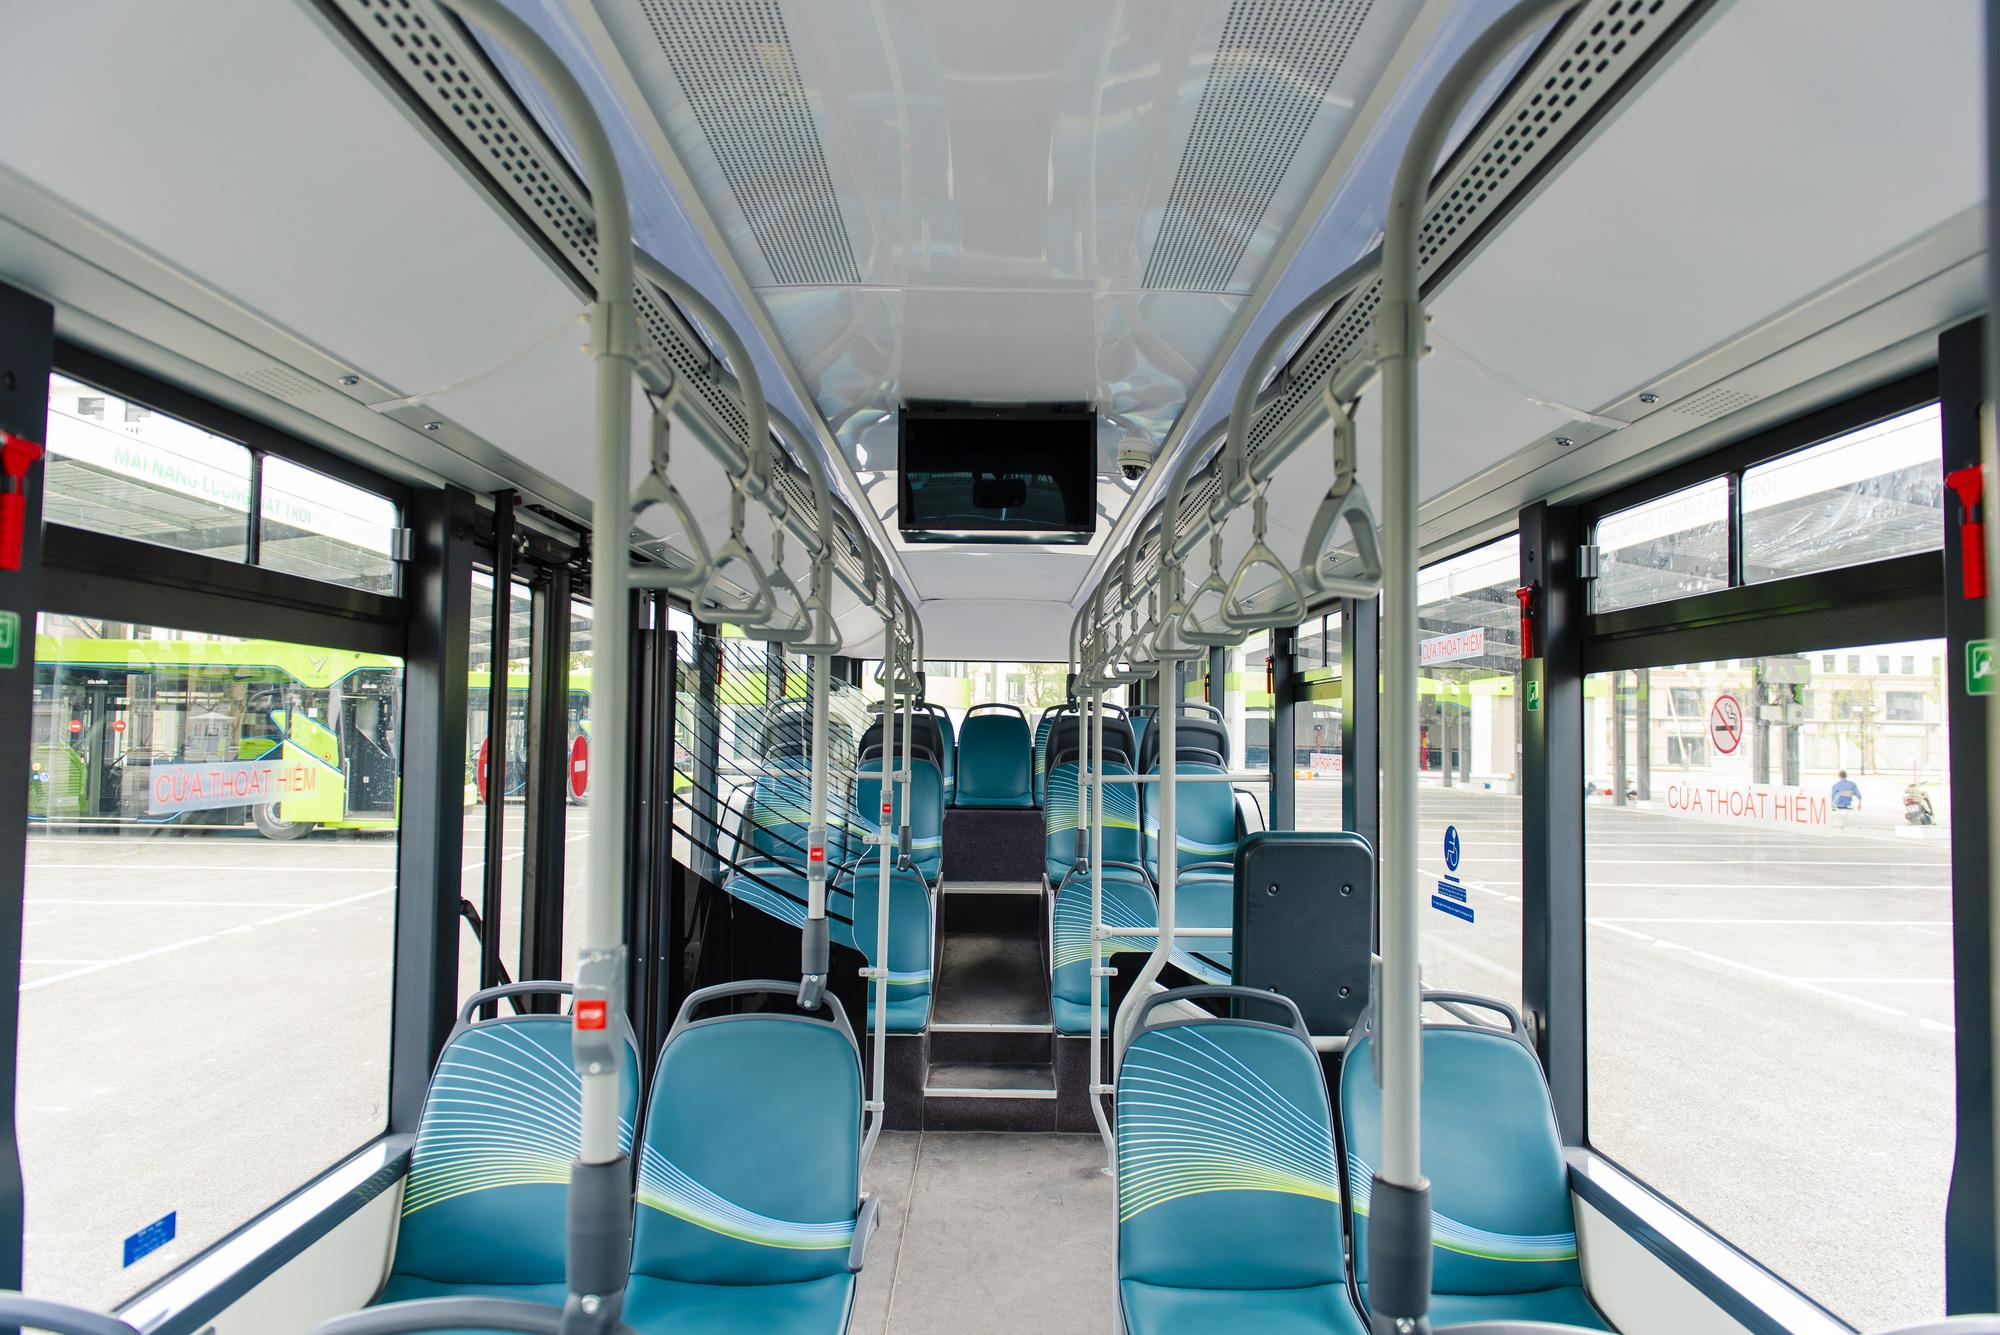 Cận cảnh xe buýt điện VinFast lăn bánh tại Hà Nội, có gì đặc biệt? - Ảnh 5.